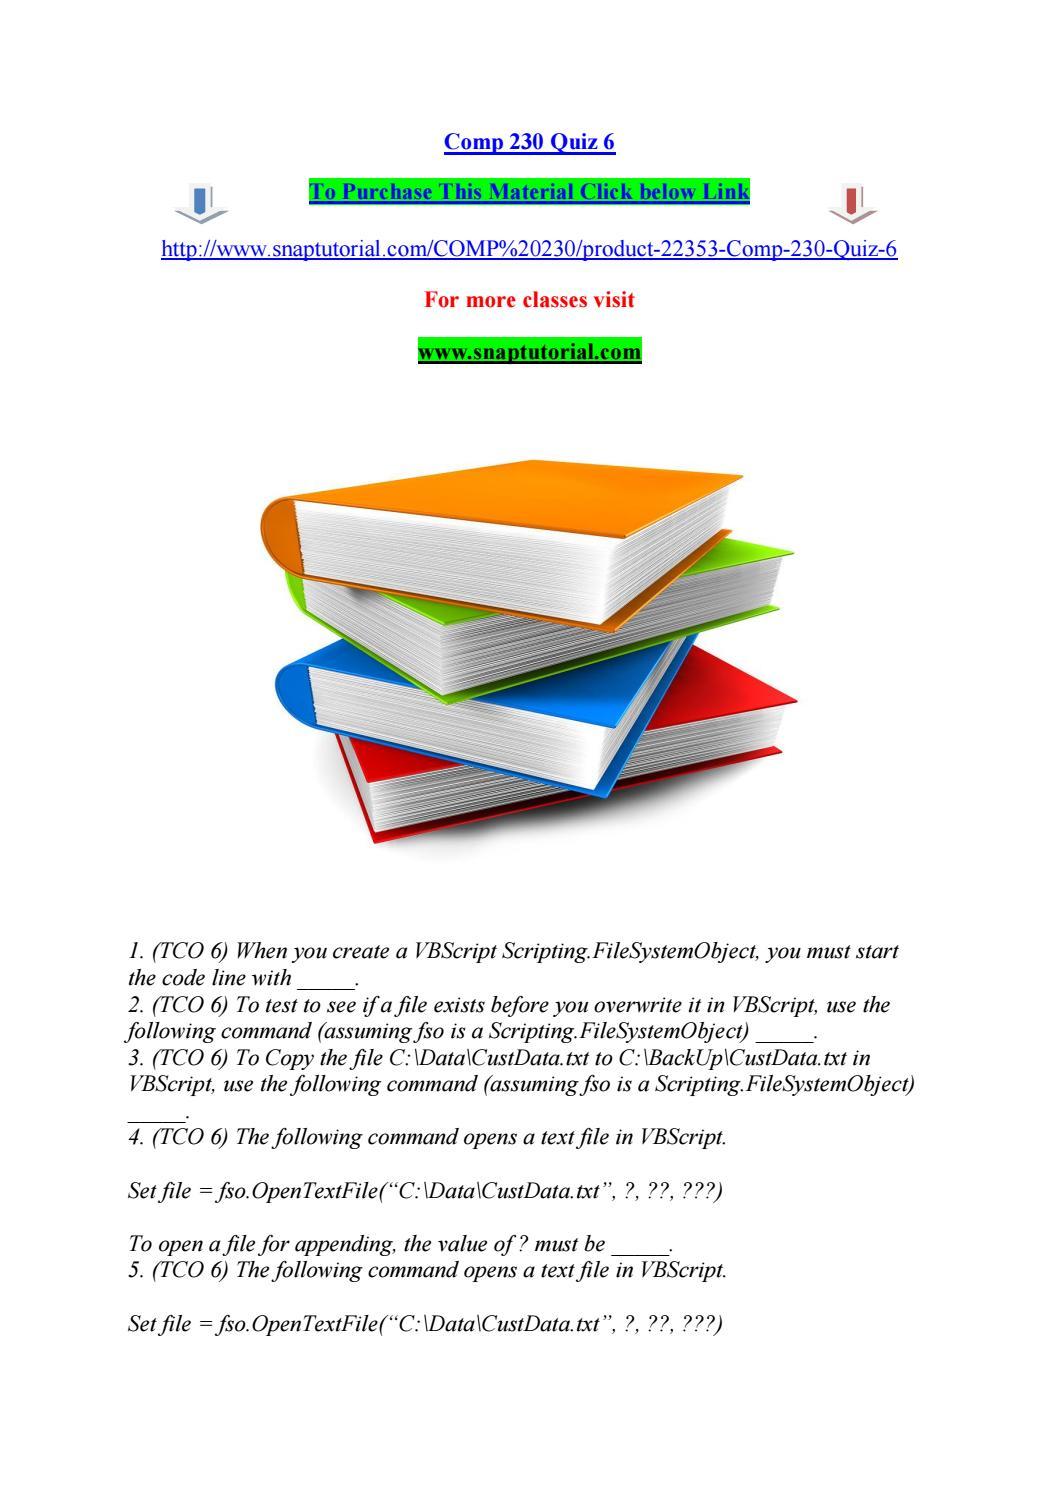 Comp 230 quiz 6 by pinck238 - issuu